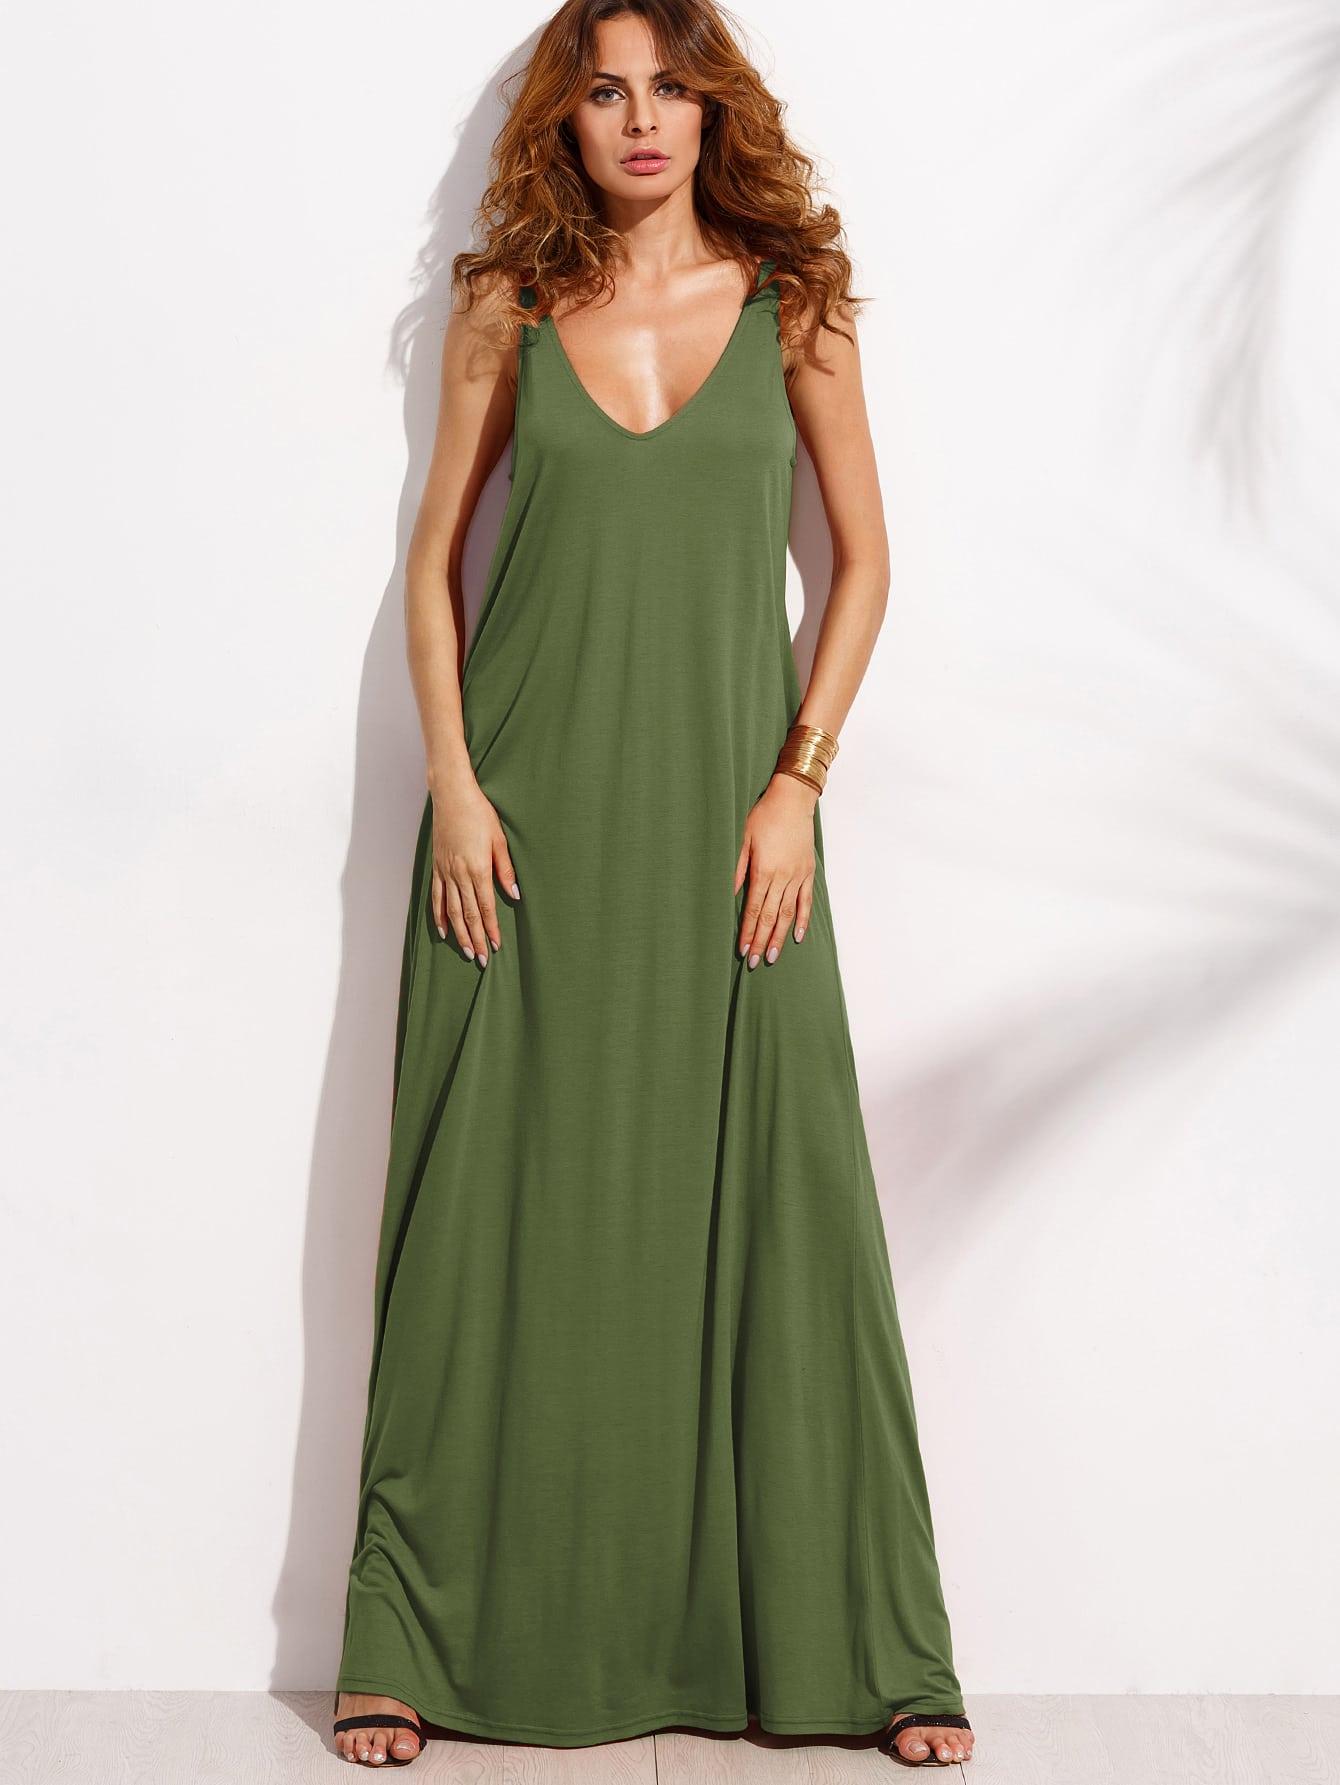 Double V Neck Jersey Tent Dress dress170419462